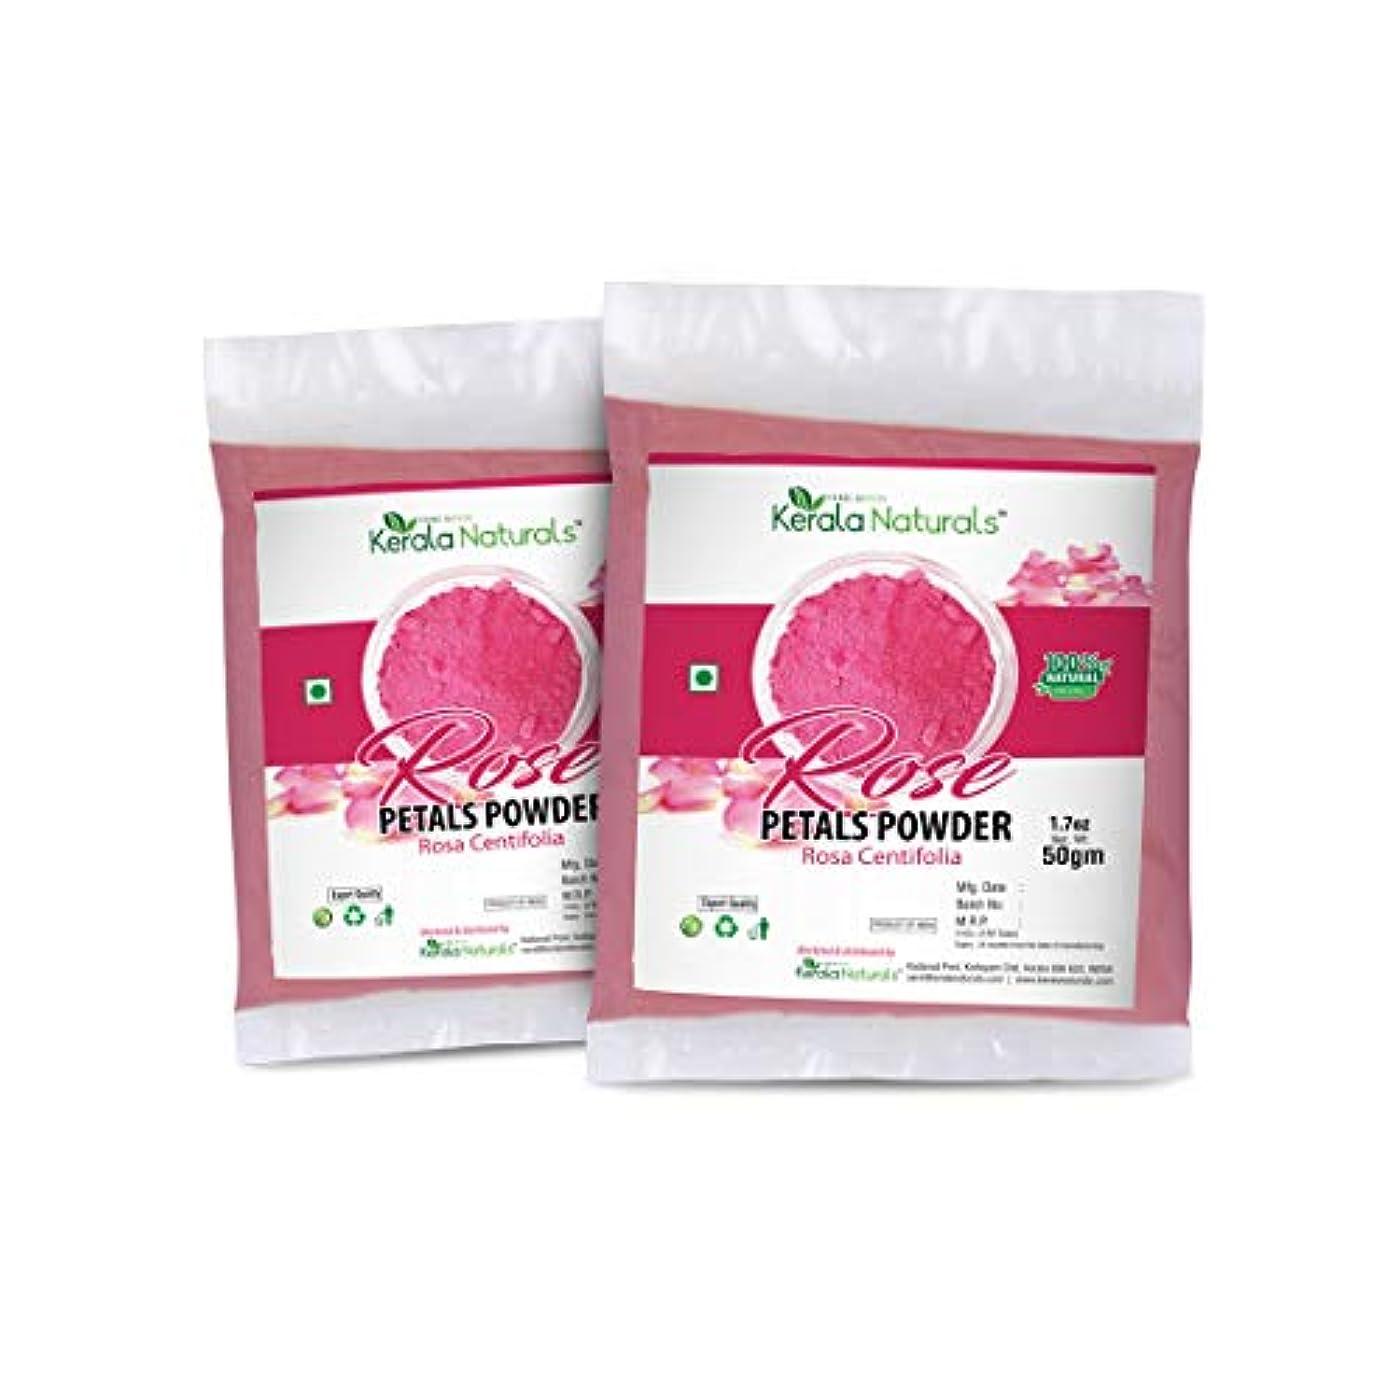 劇作家クリア誤解を招くRose Petals Powder (Rosa Centifolia) for Anti Ageing- 100gm (50gm x 2 Packs) - Rejuvenating and Moisturising Face...